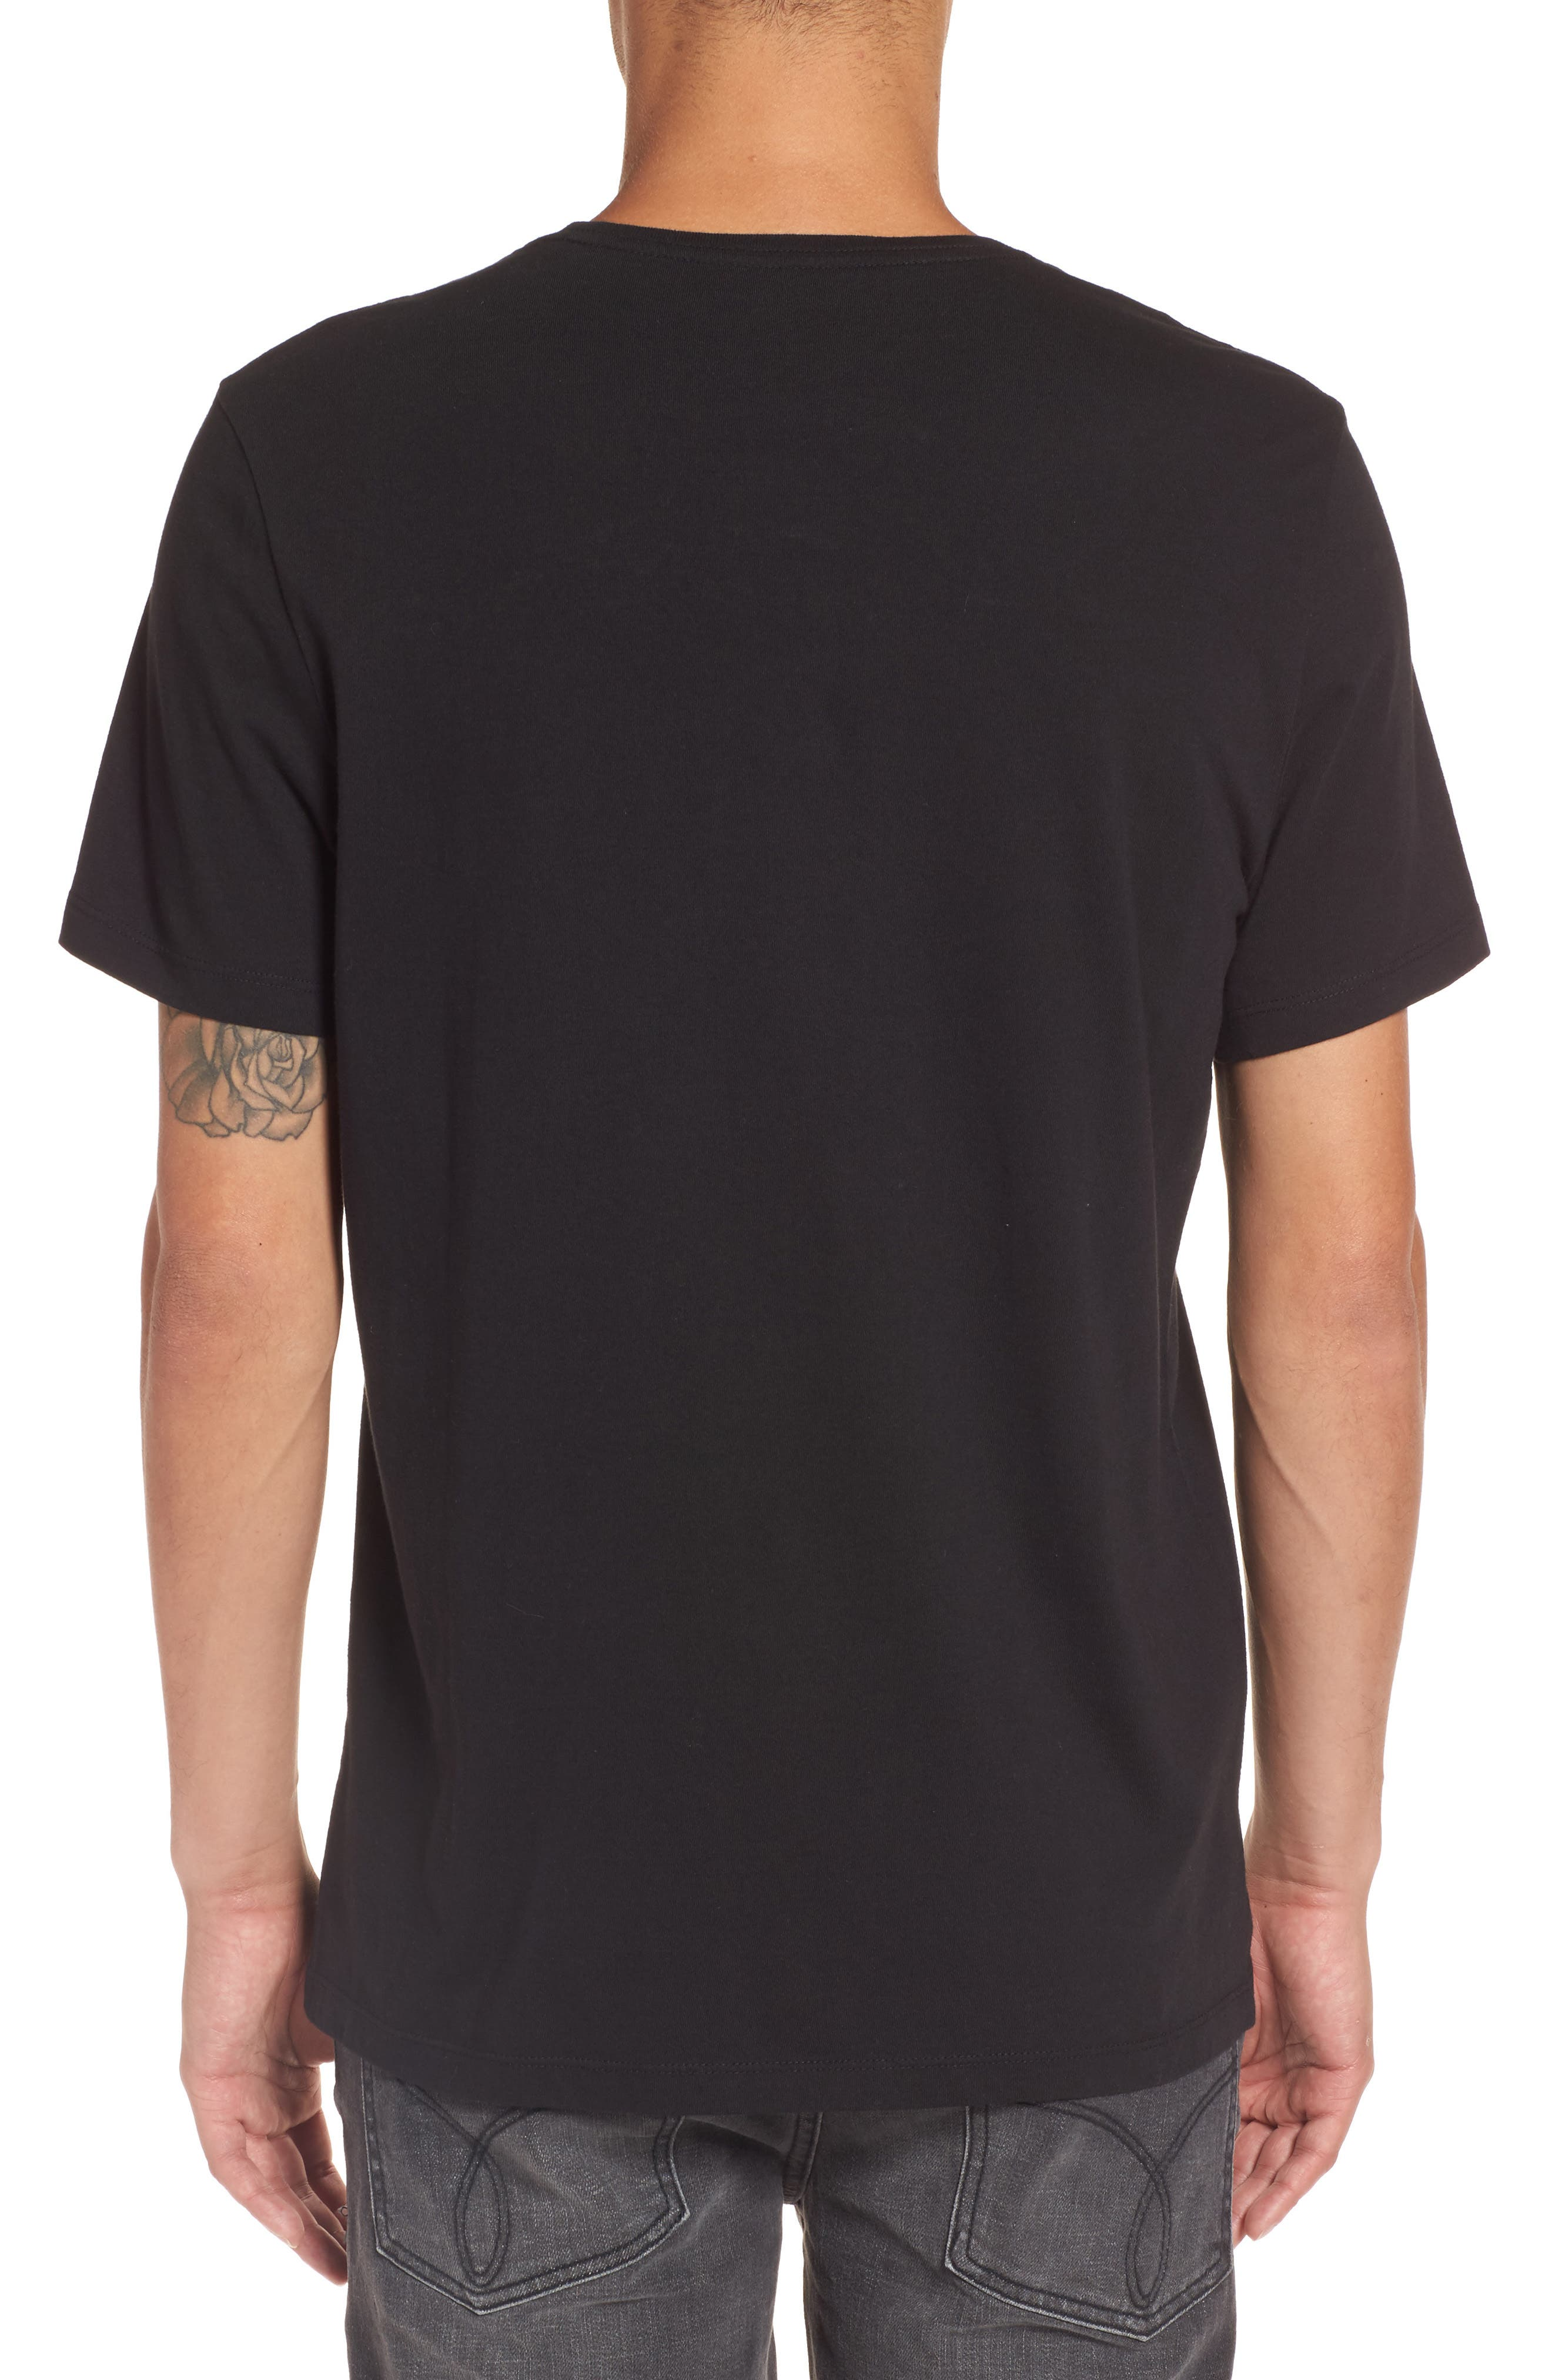 Reissue T-Shirt,                             Alternate thumbnail 2, color,                             Black